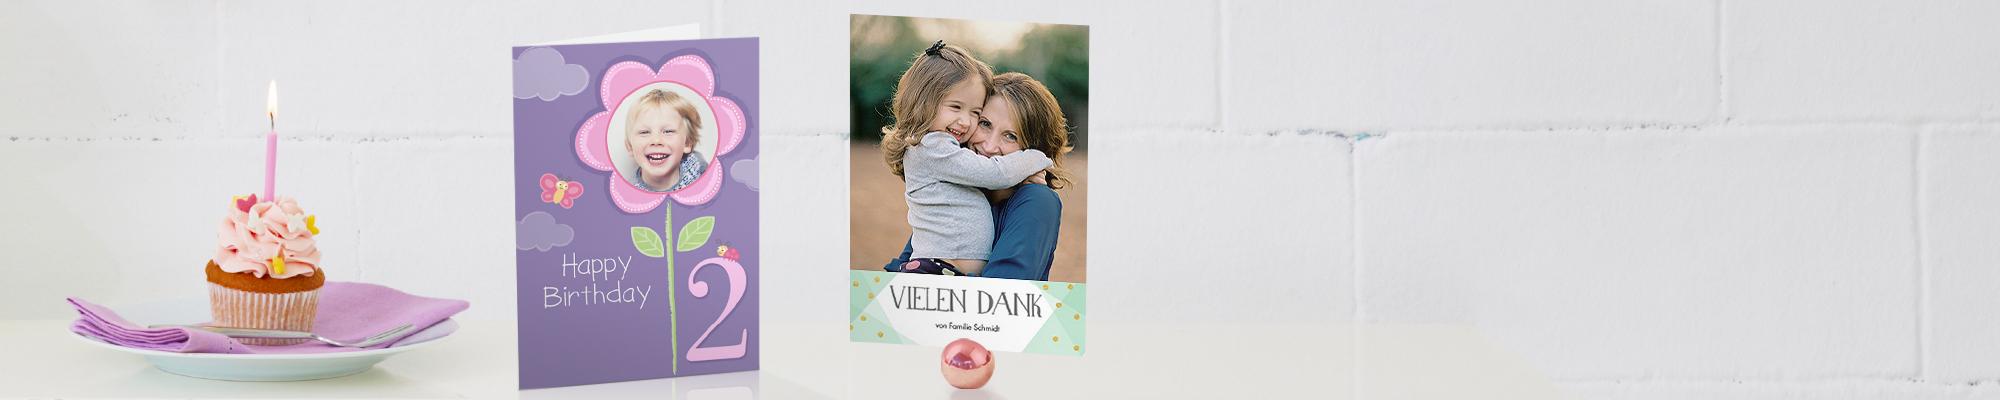 Fotokarten -demnächst verfügbar! : Überraschen Sie ihre Liebsten mit persönlichen Fotogrußkarten.